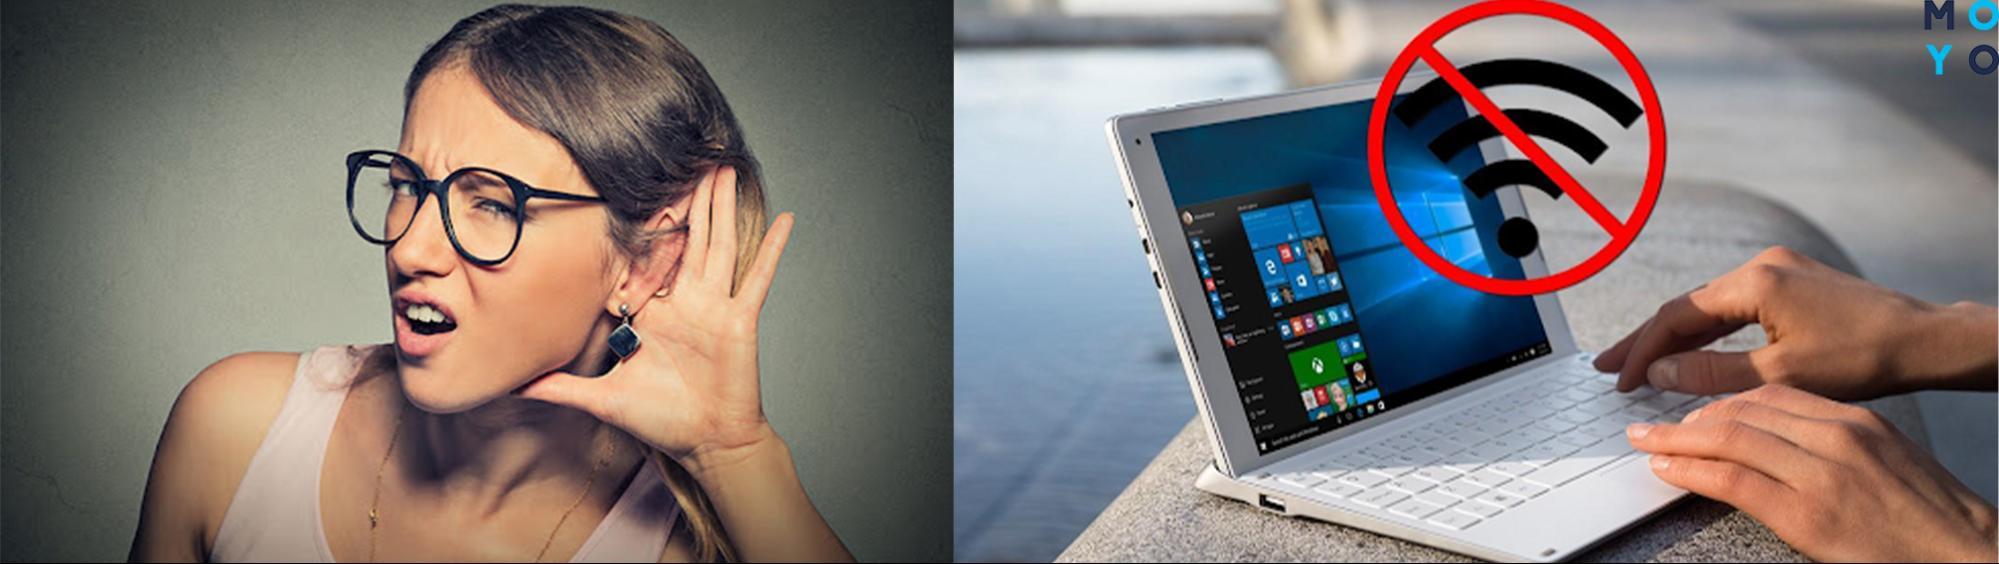 Як збільшити звук на ноутбуці: шукаємо причину, знаходимо рішення